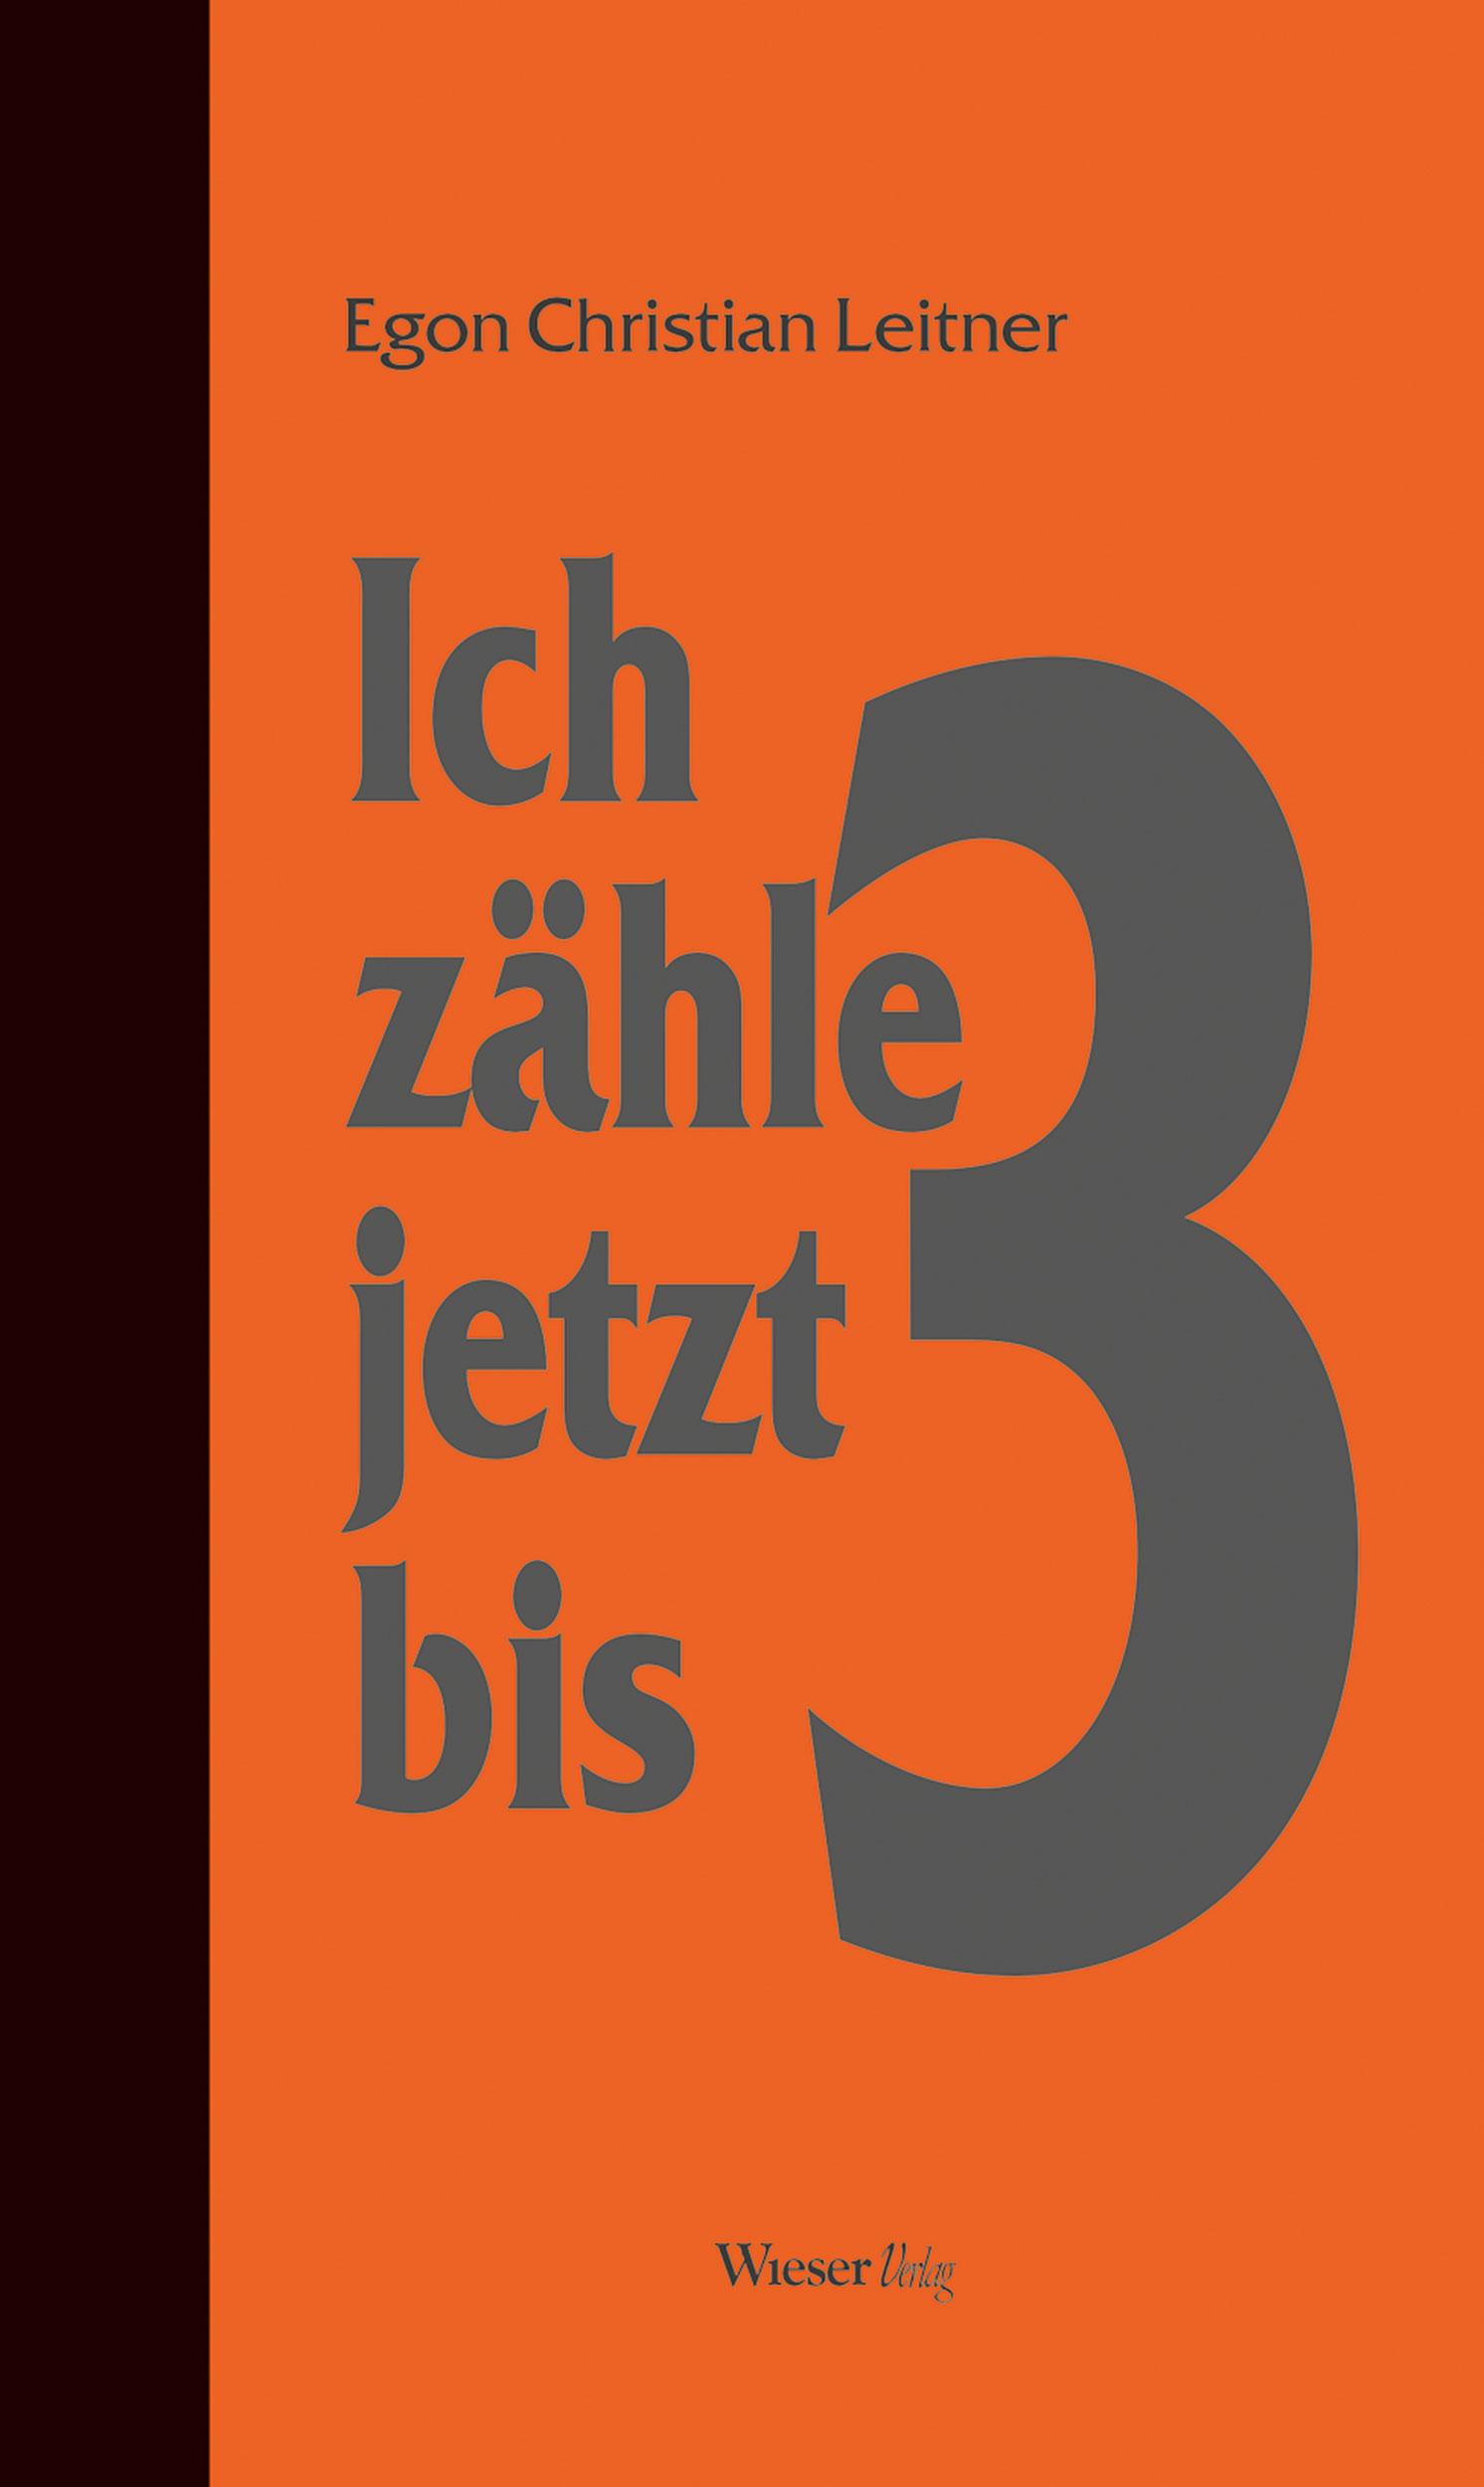 http://www.wieser-verlag.com/wp-content/uploads/2019/05/9783990293683.jpg